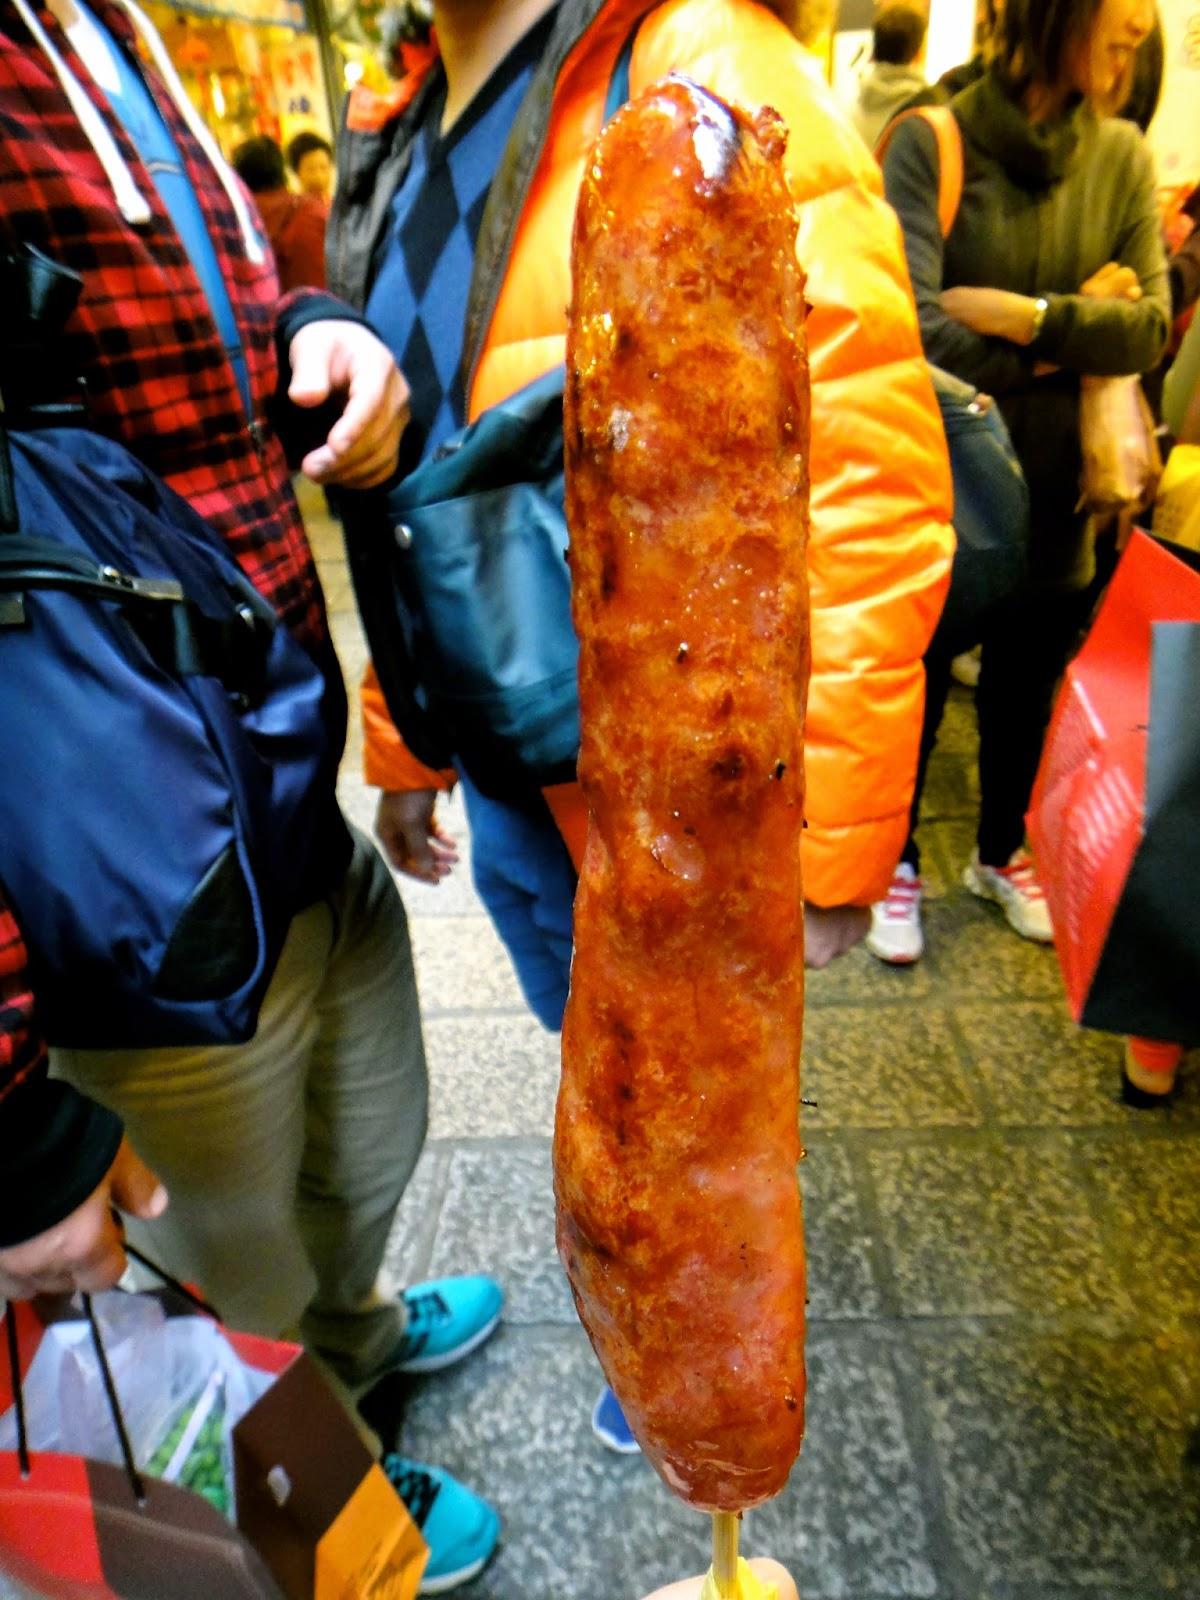 Jiufen Taiwan Grilled Sausage